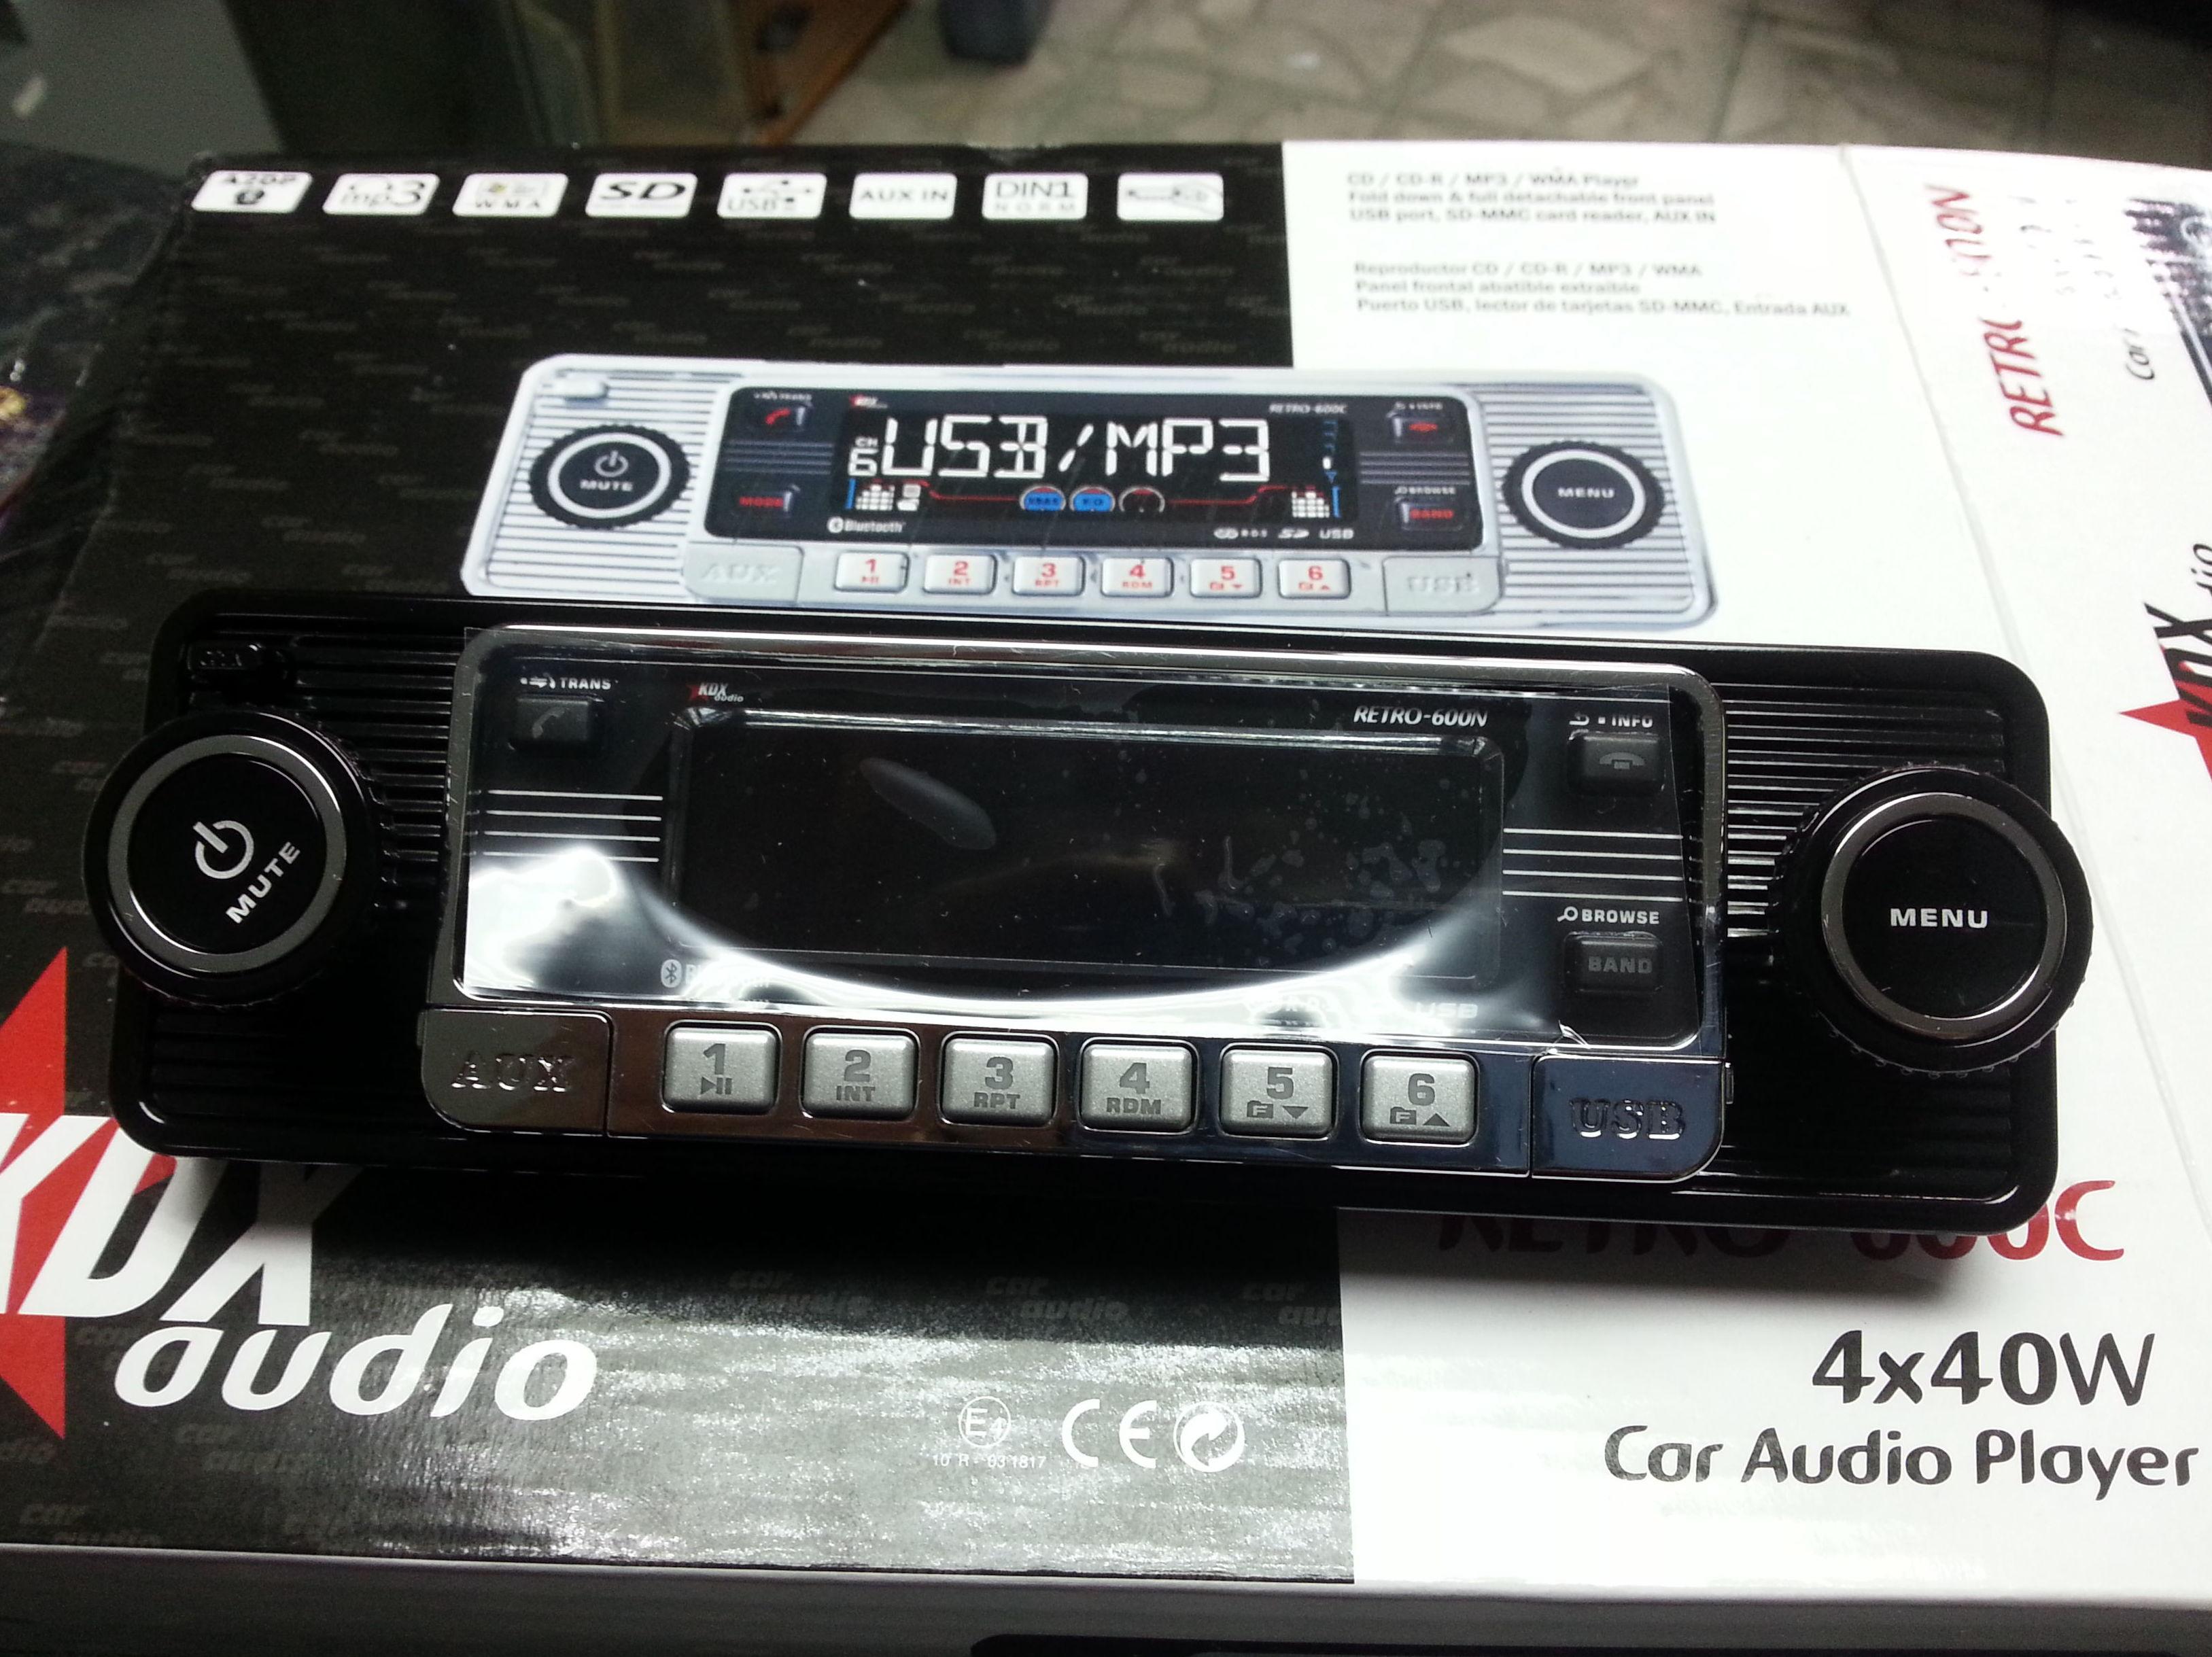 Radio fomato clasico, con todos los adelantos tecnologicos